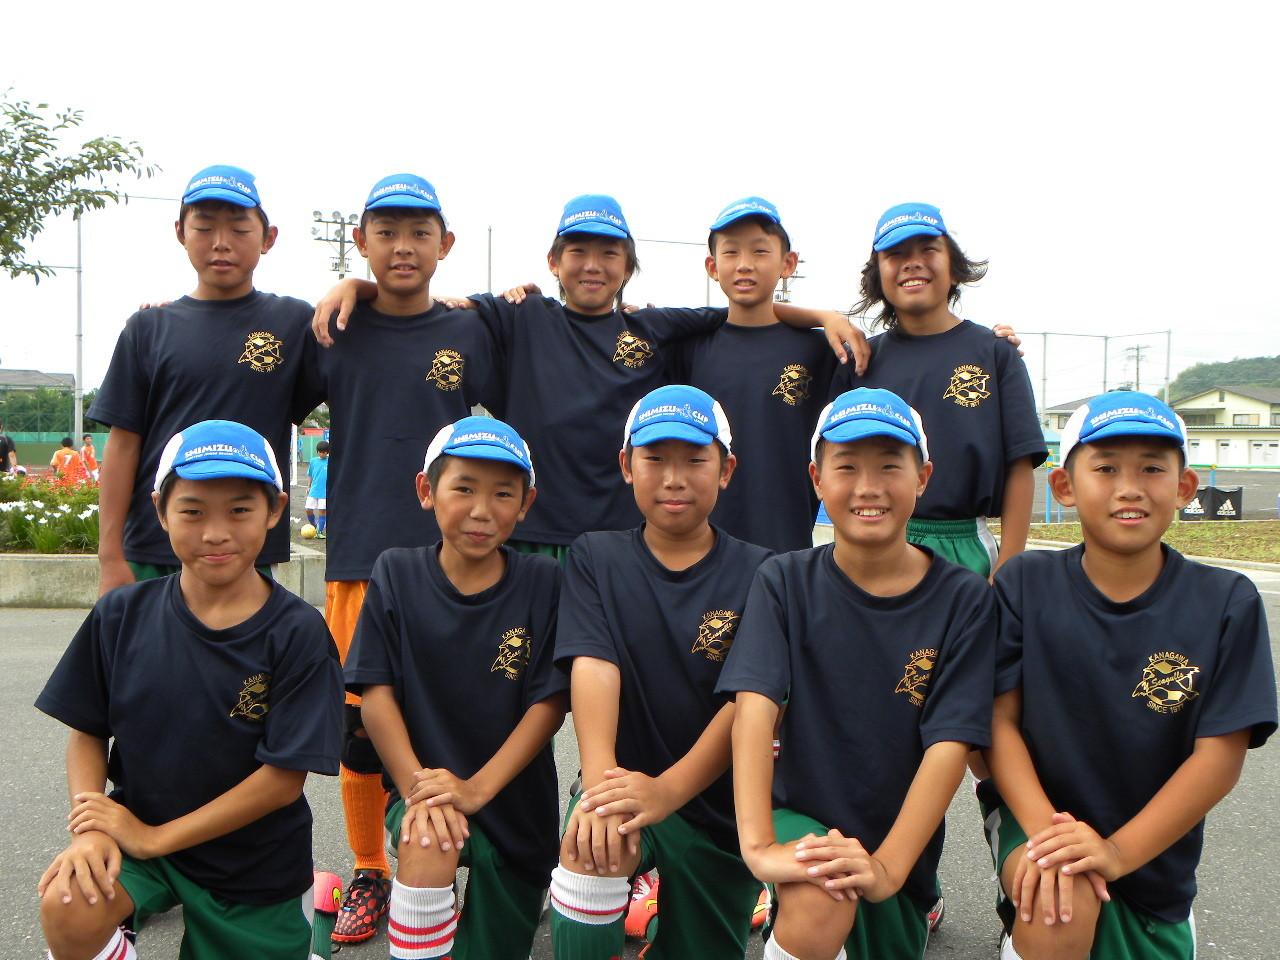 清水カップ U-12Green(6年生)